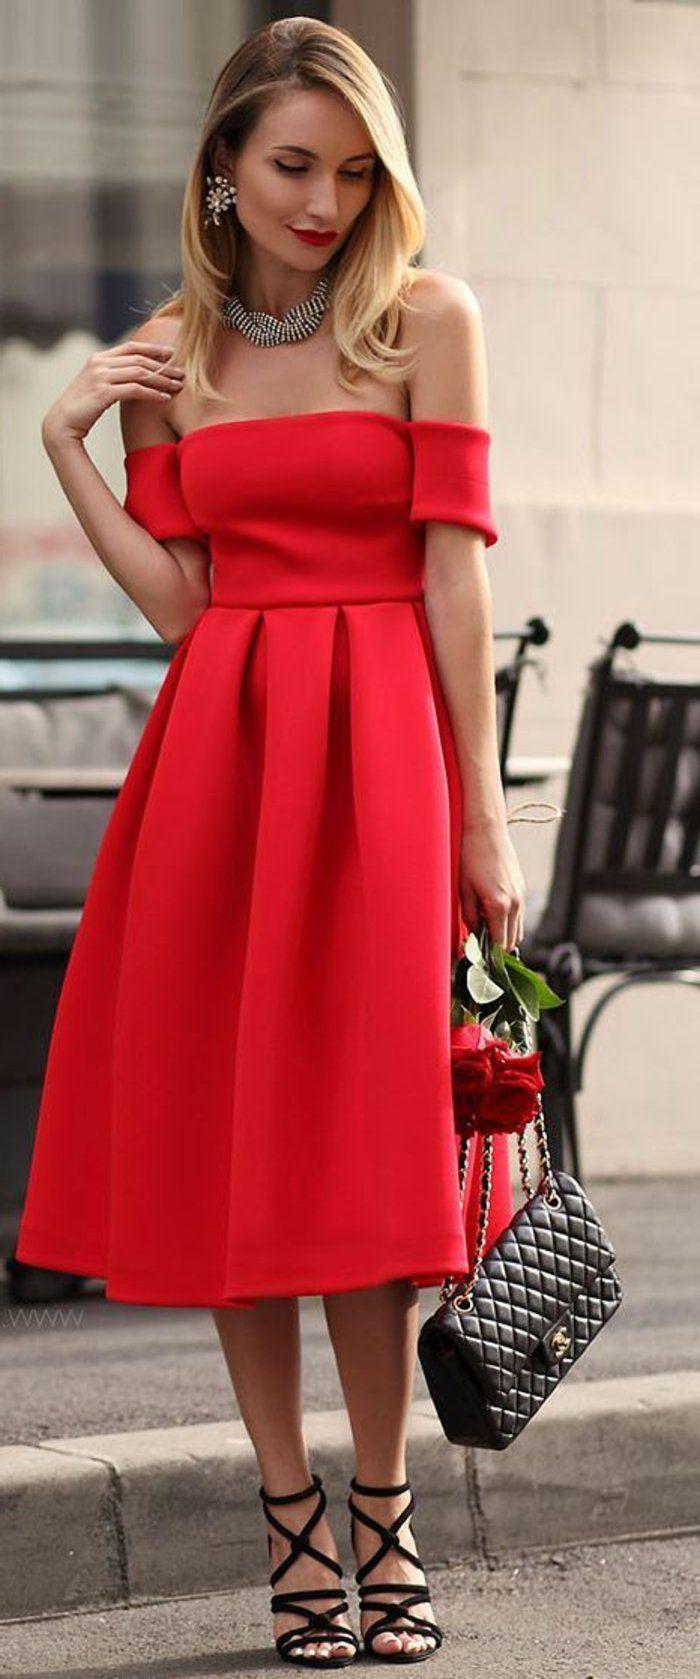 idée-tenue-soirée-chic-détail-choc-robe-rouge-aux-épaules-dénudées